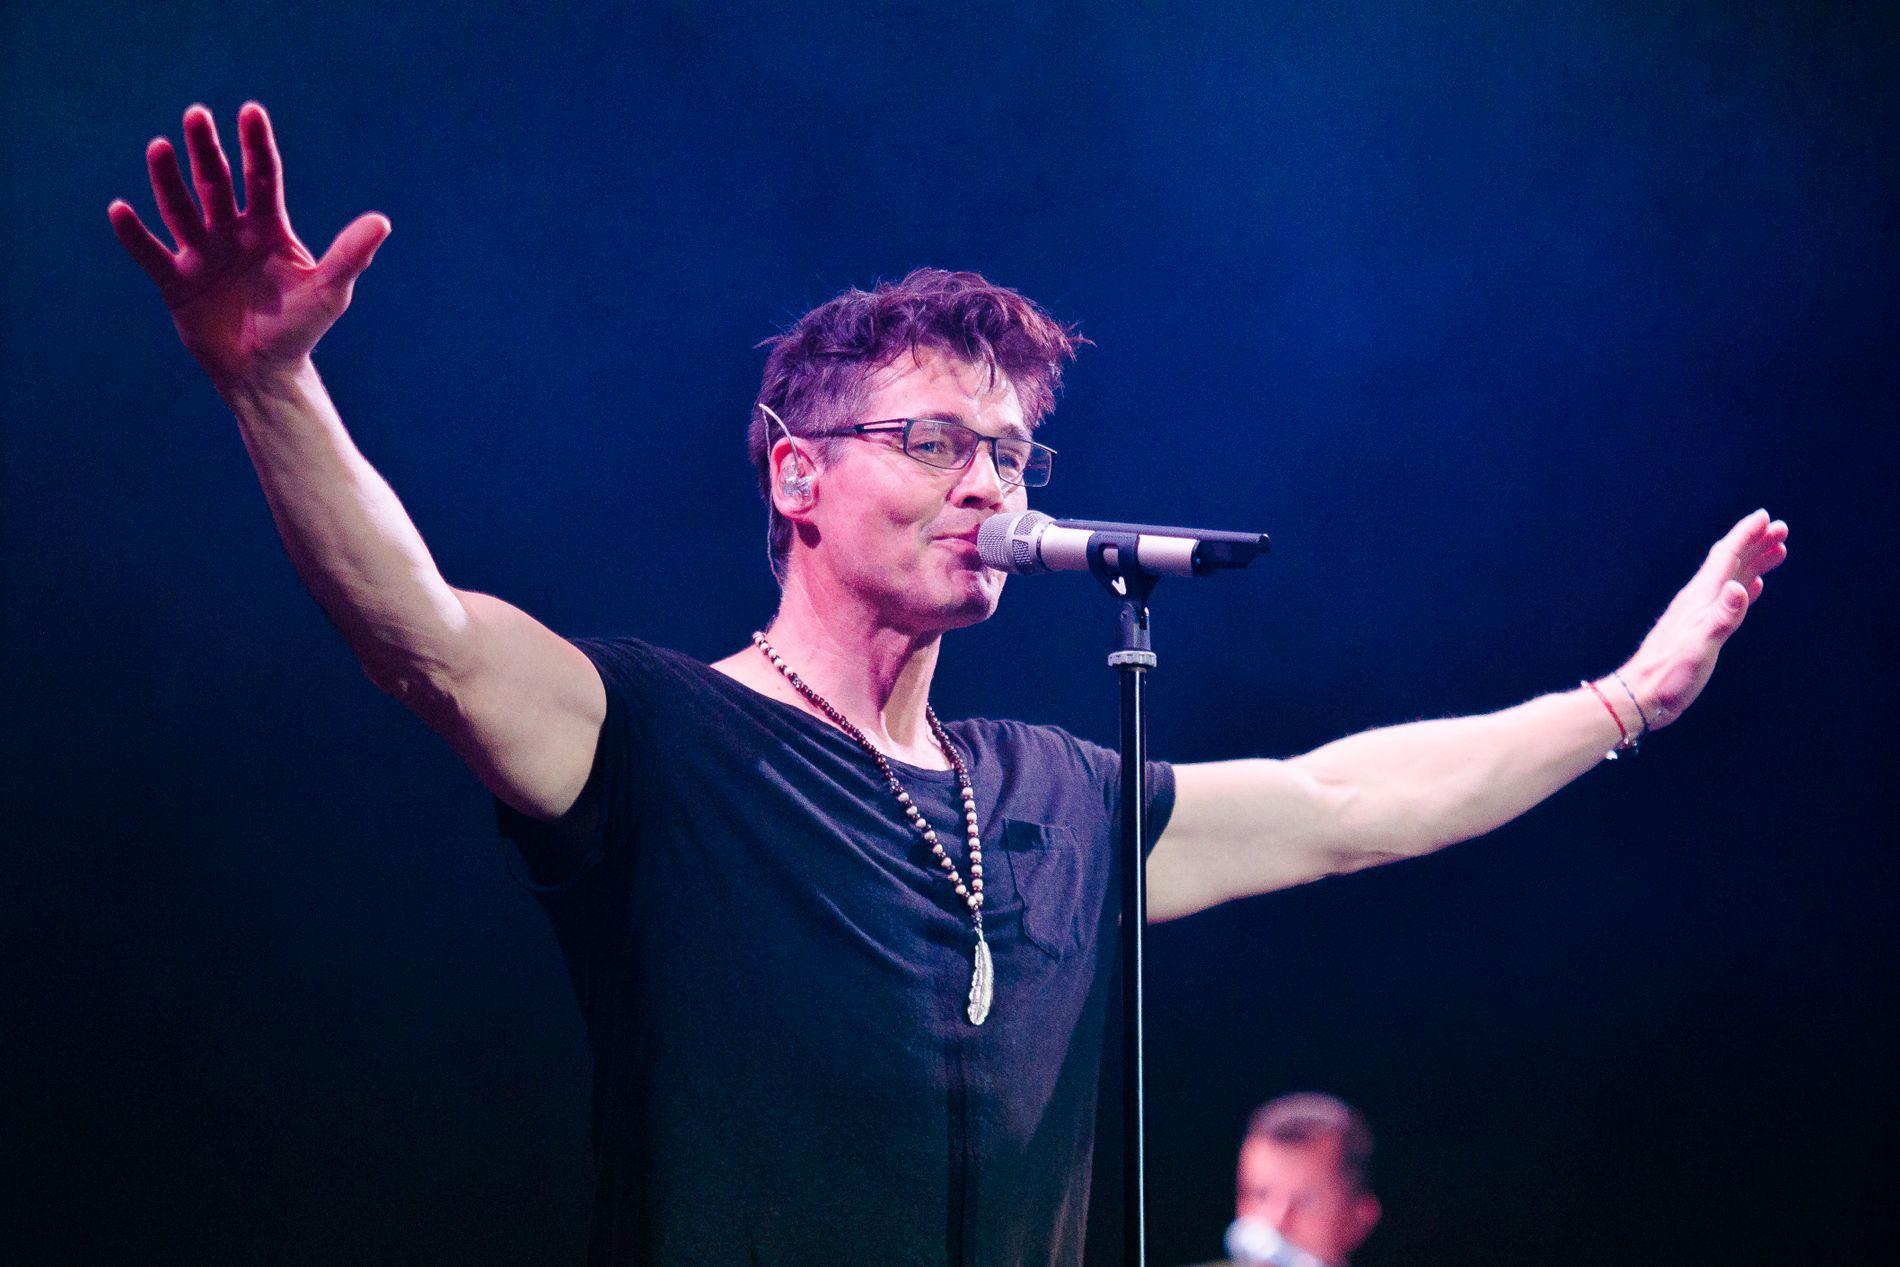 TAKKER FOR SEG: Morten Harket skal gjøre noe annet enn å fronte a-ha etter konserten i Bergen 7. mai. Her er han på scenen under konserten i Luna Park i Buenos Aires i september i fjor.